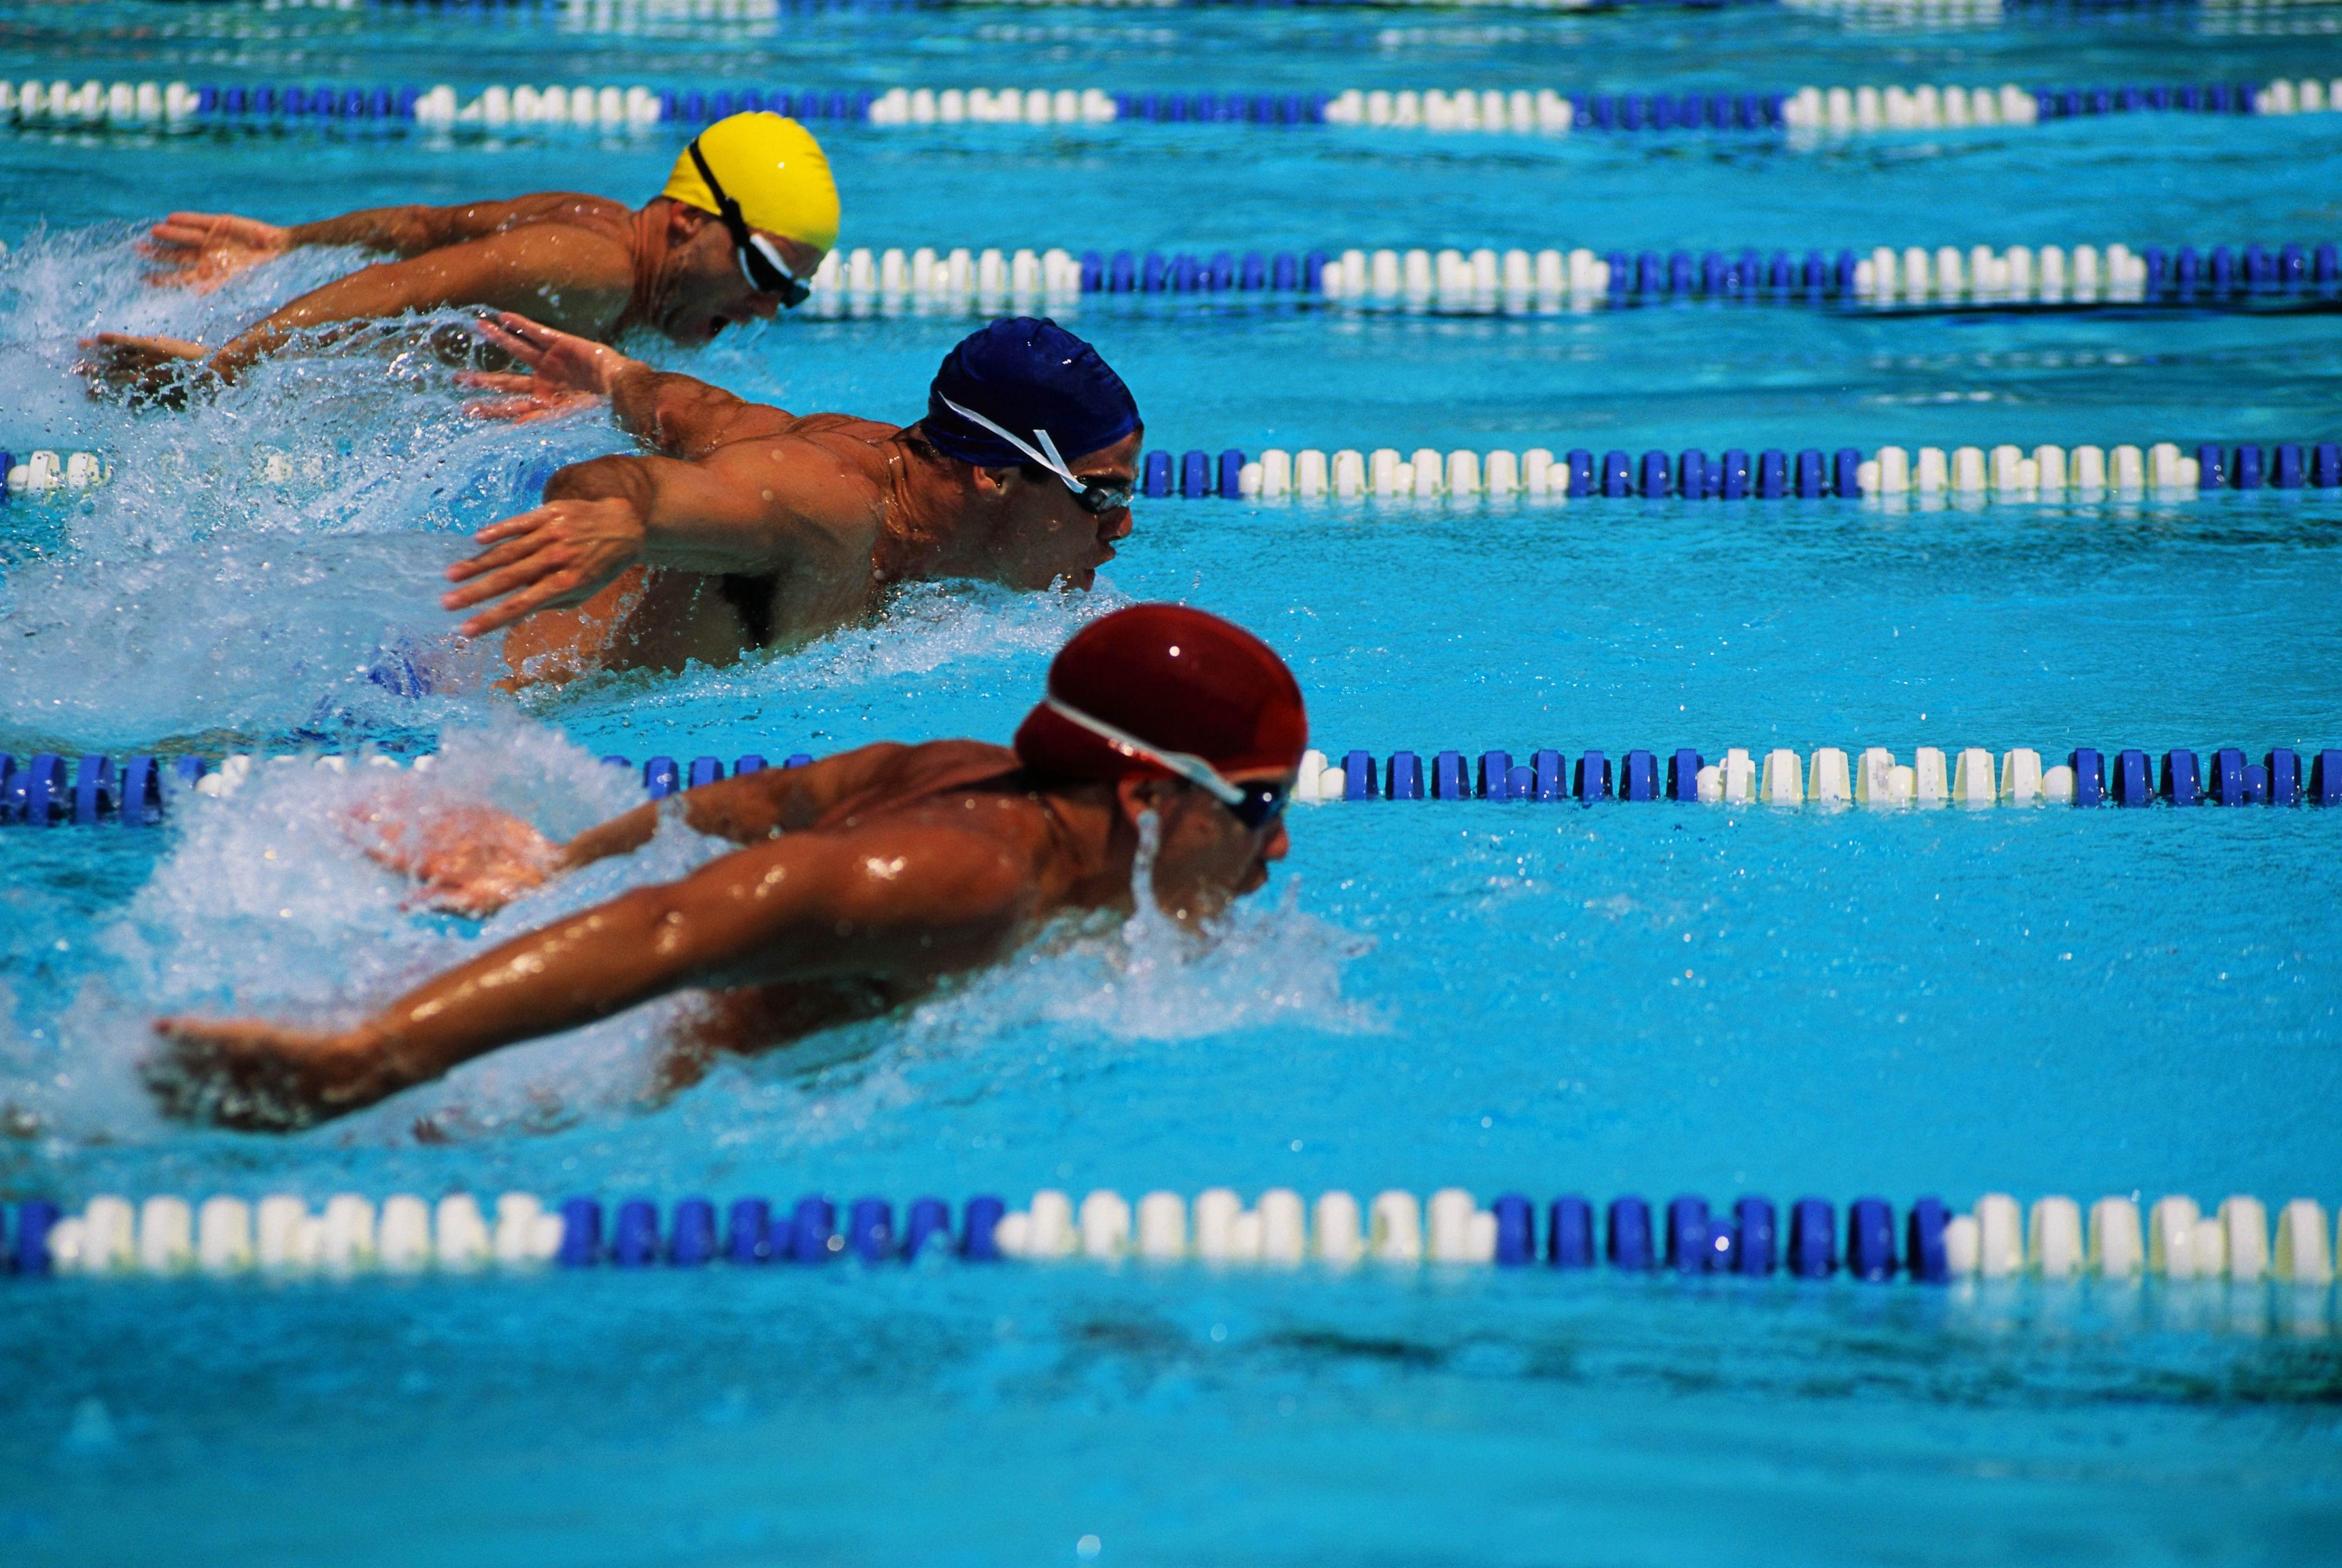 الألعاب الأولمبية 2016: إقصاء السباح المغربي لحريشي منذ الدور الأول